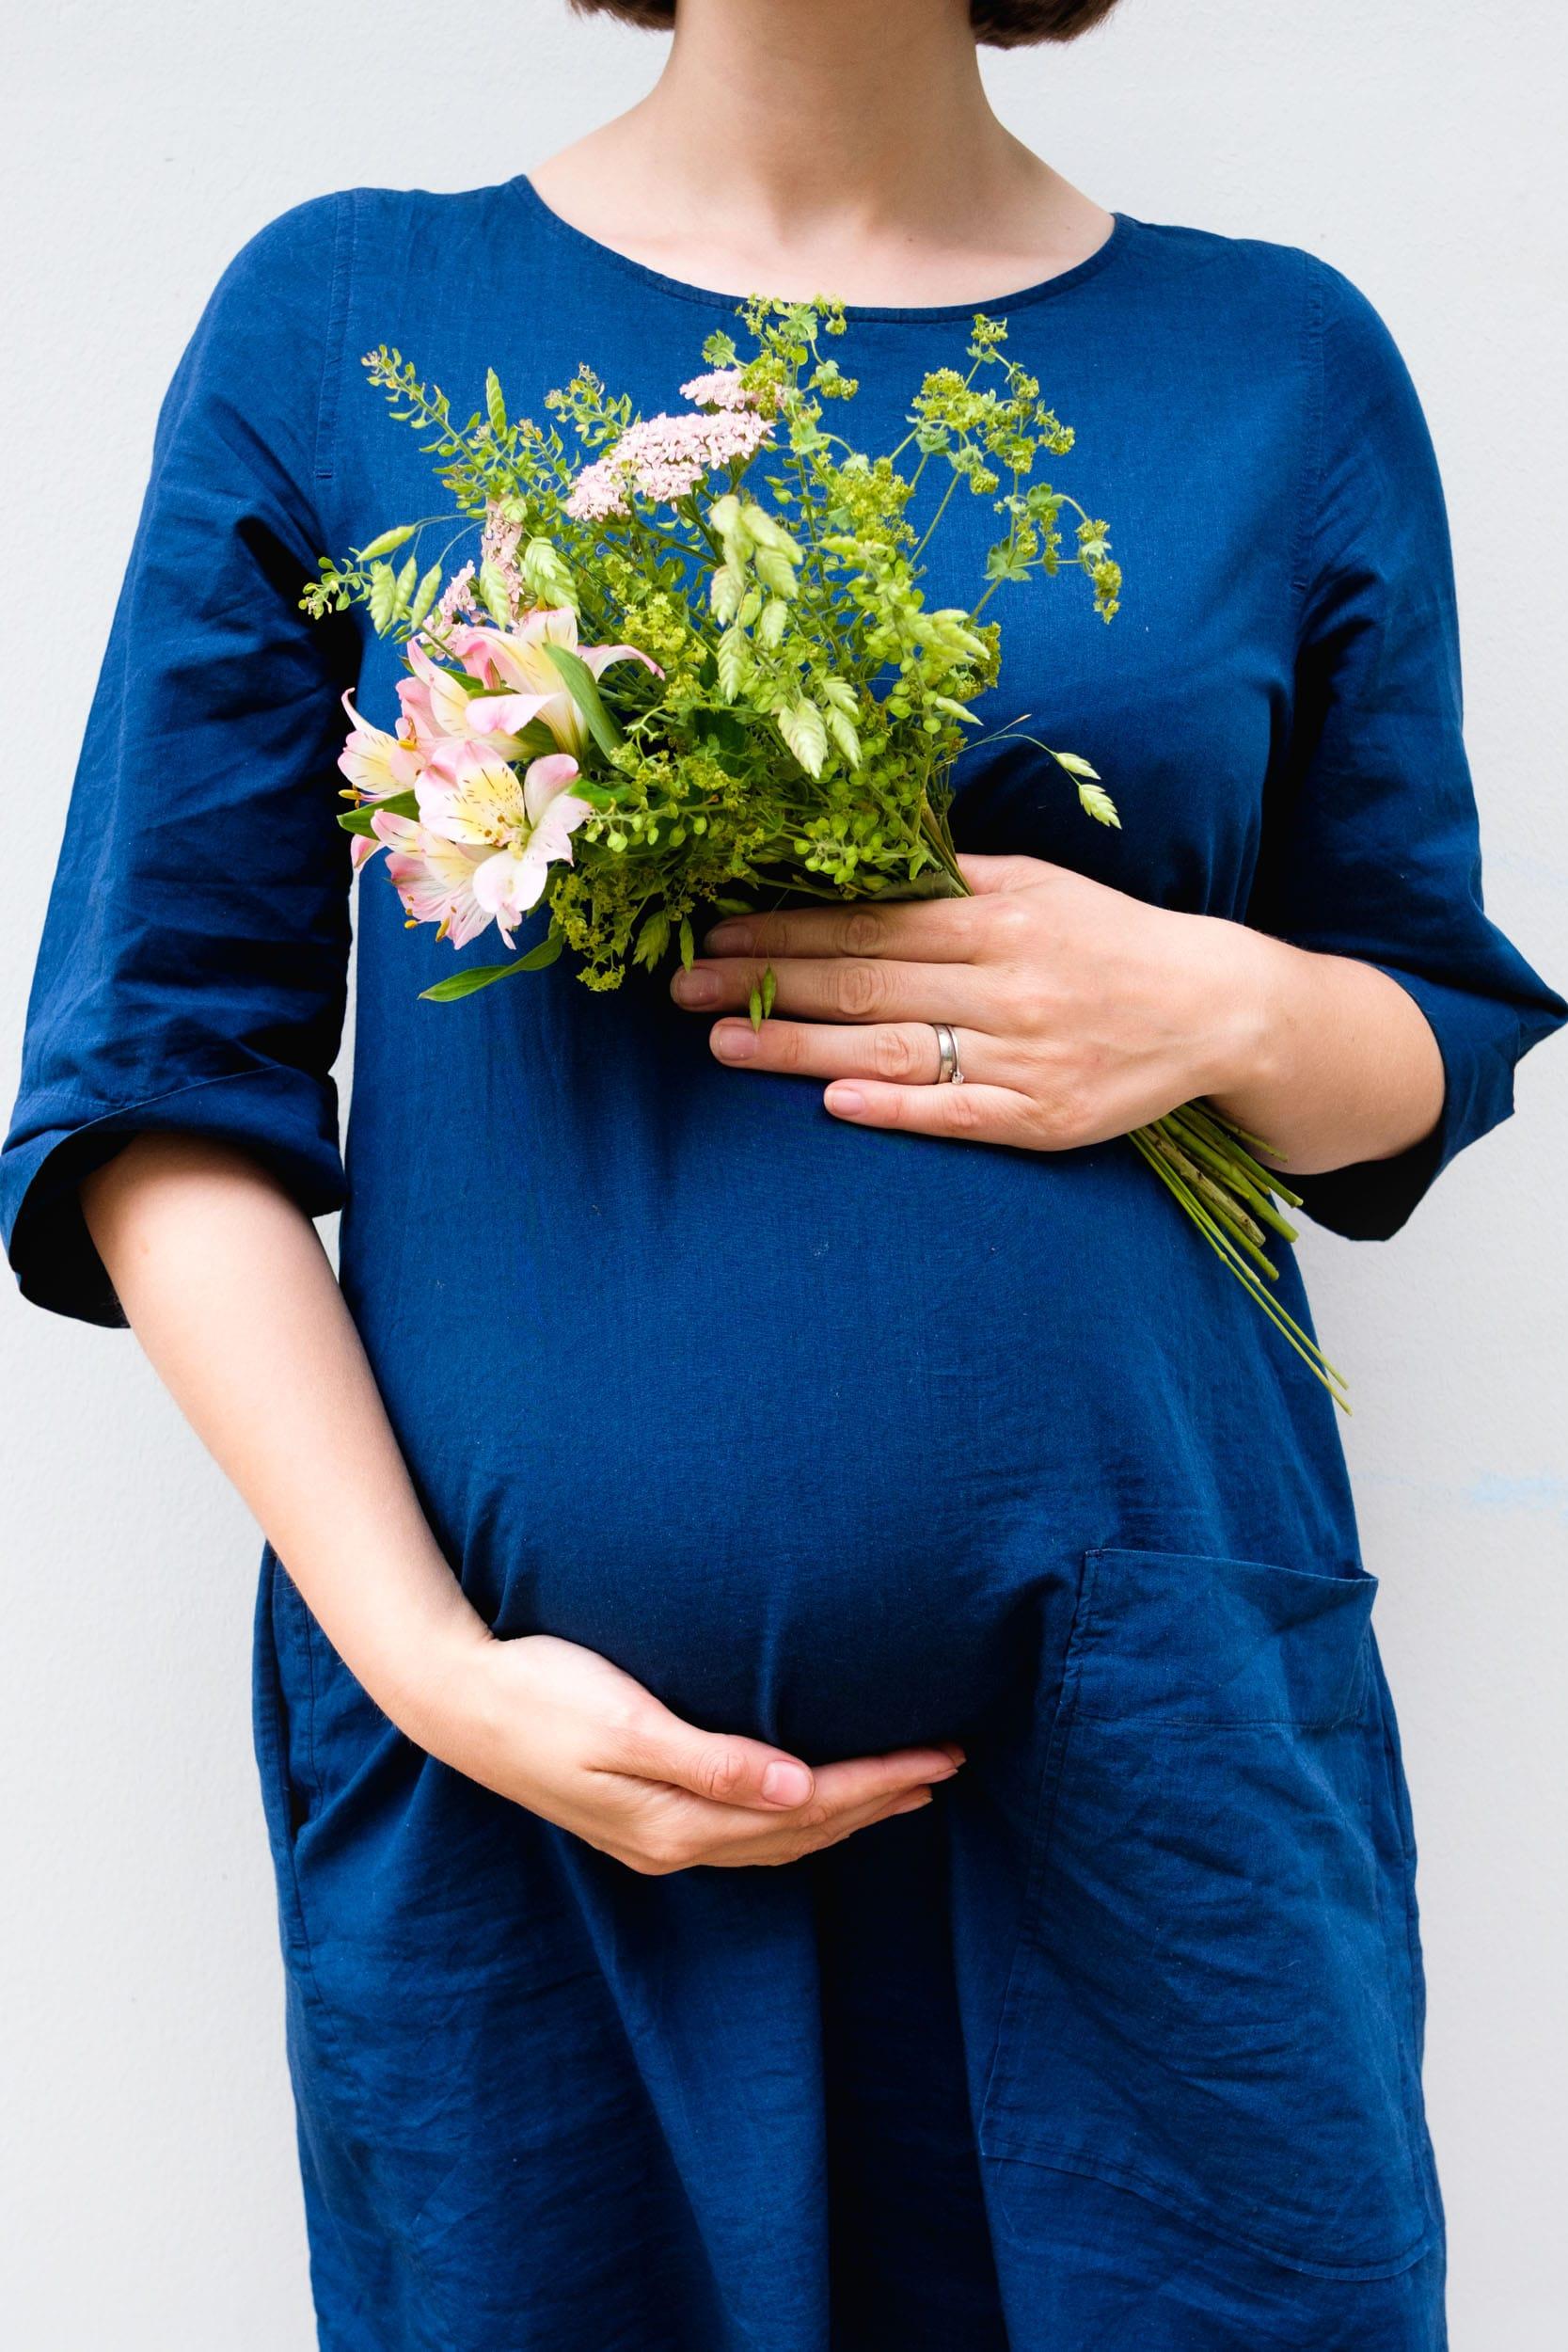 Schwangerschaftsupdate 20. SSW | Schwanger mit dem zweiten Kind | Babybauch | Mehr auf https://ivy.li